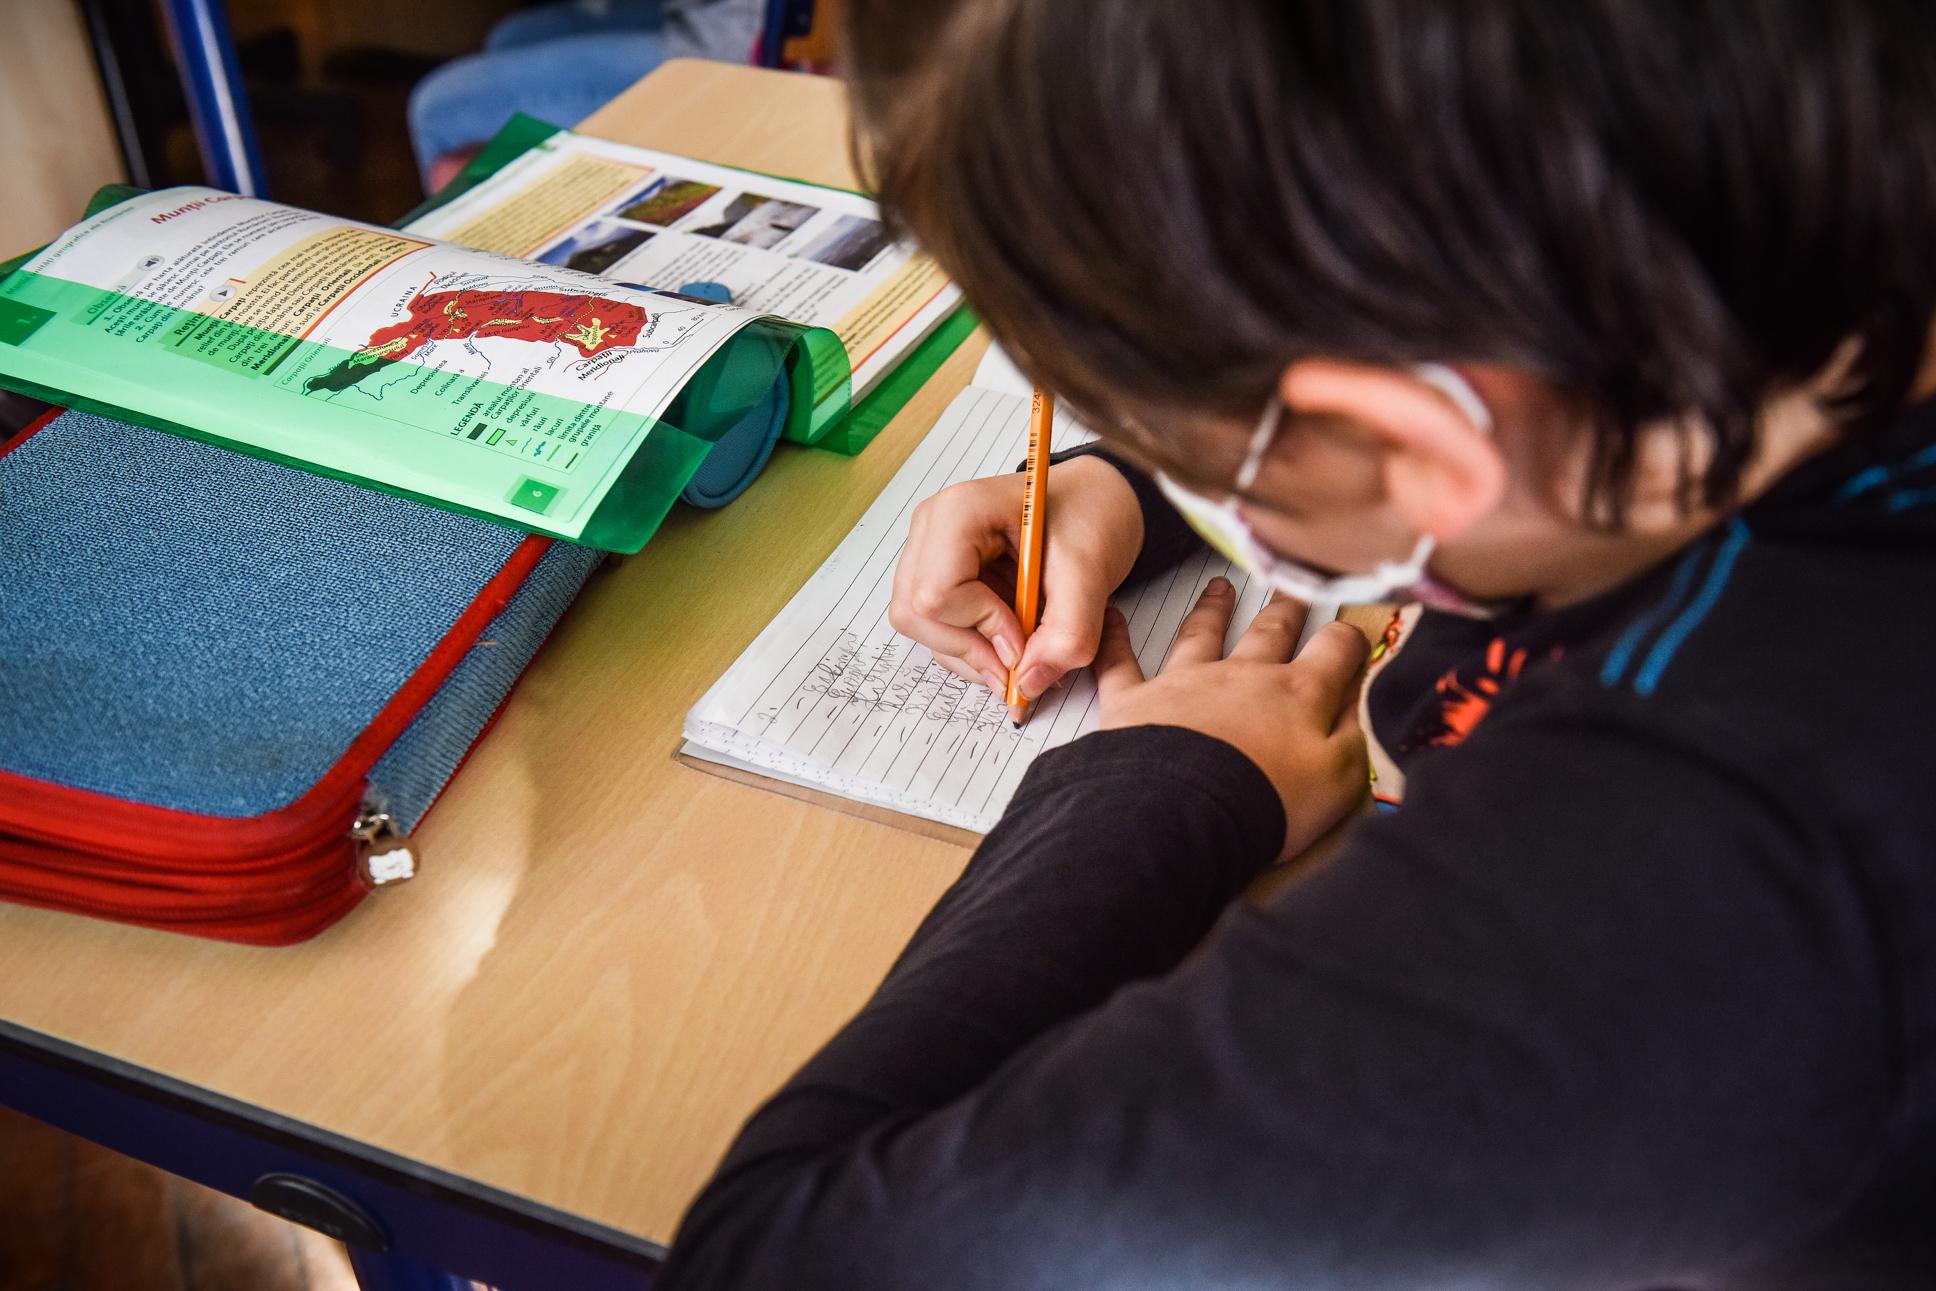 Niciun caz de îmbolnăvire cu SARS CoV-2 în școlile din Sibiu